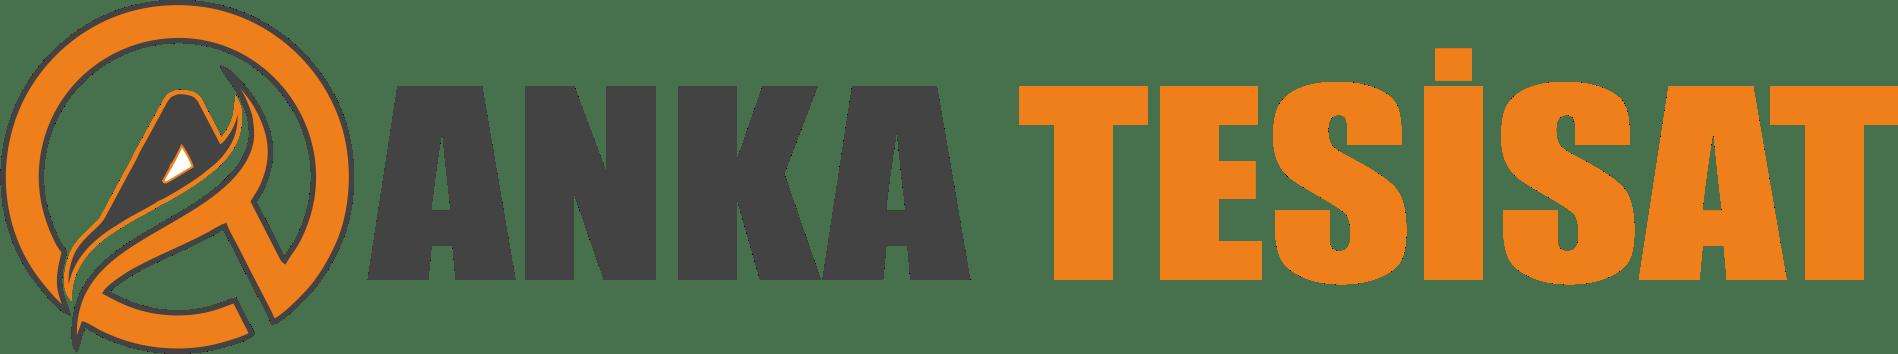 Anka Tesisat | Tıkanıklık Açma | Su Kaçağı Tespiti